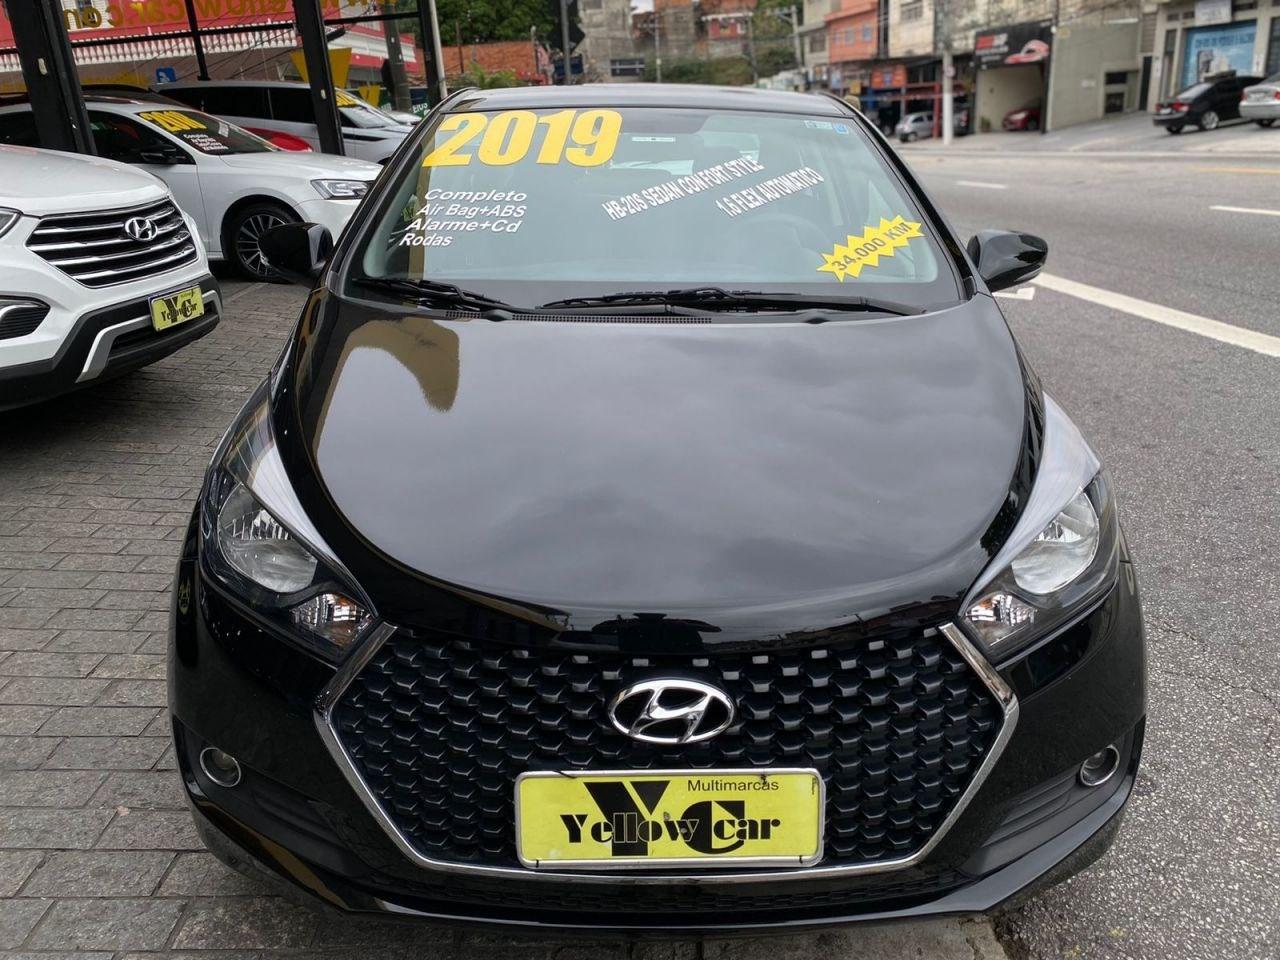 //www.autoline.com.br/carro/hyundai/hb20s-16-style-16v-flex-4p-automatico/2019/sao-paulo-sp/15827759